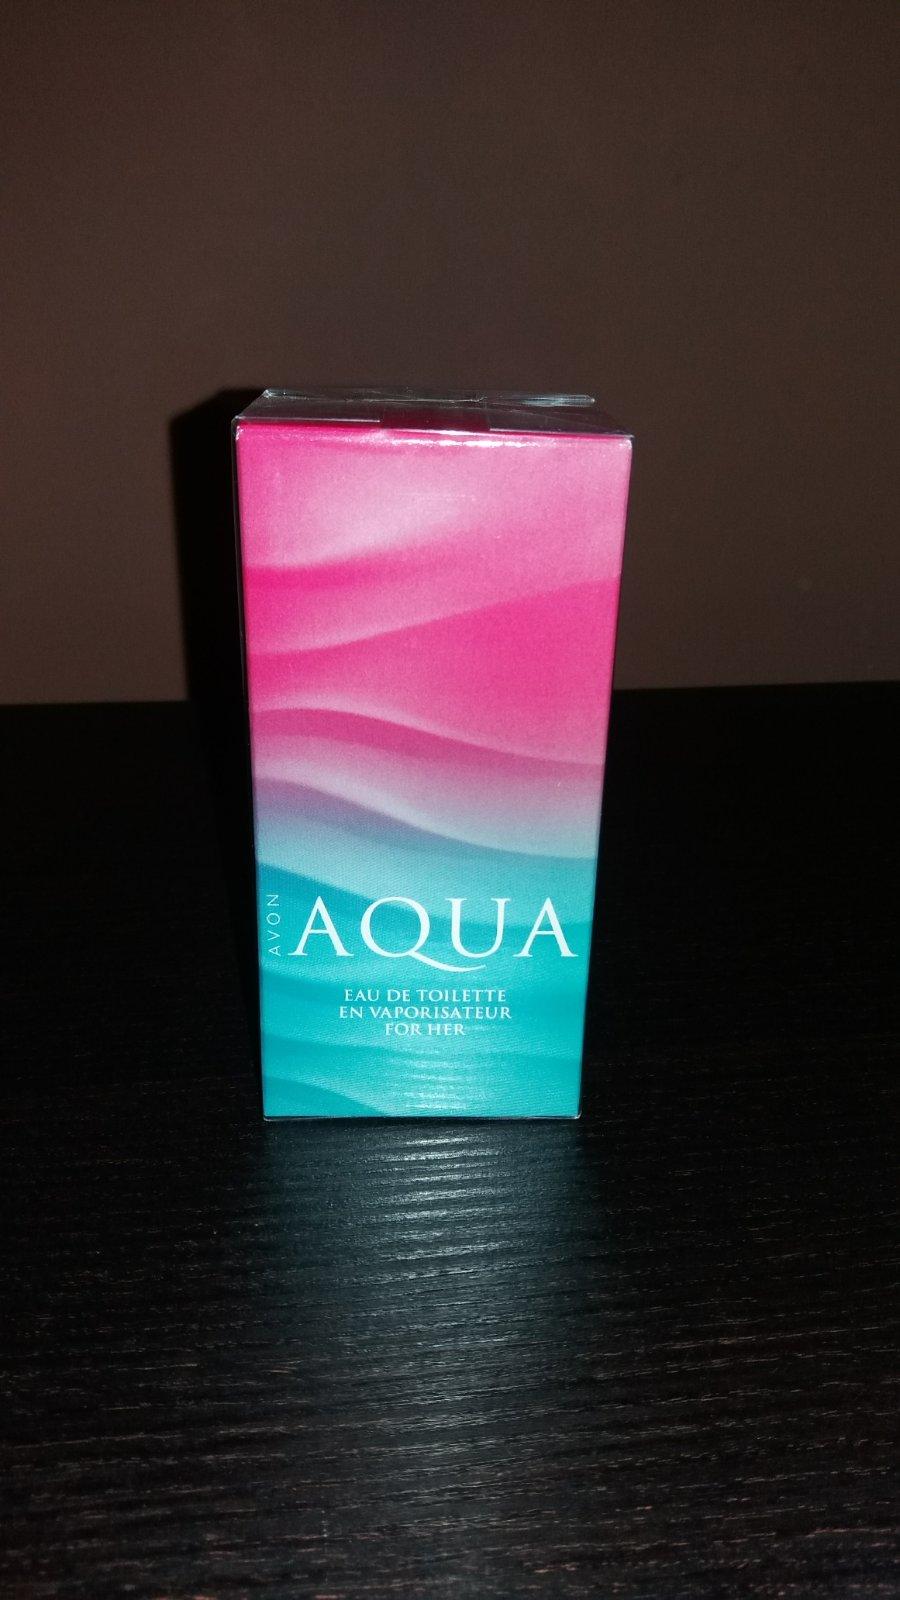 Toaletná voda Aqua - Obrázok č. 1